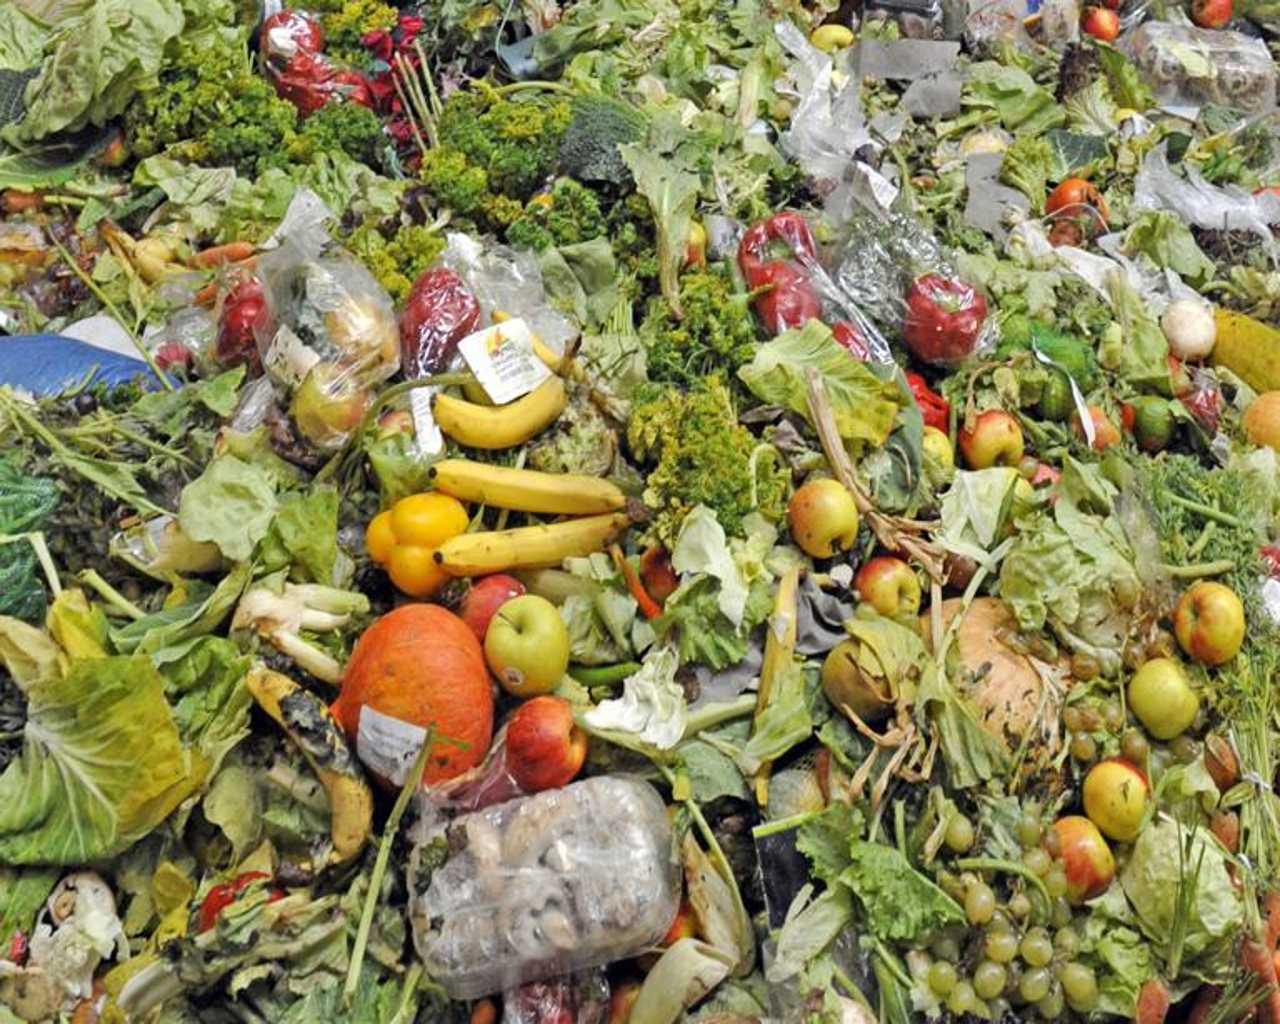 frutta-verdura-sprecata.jpg